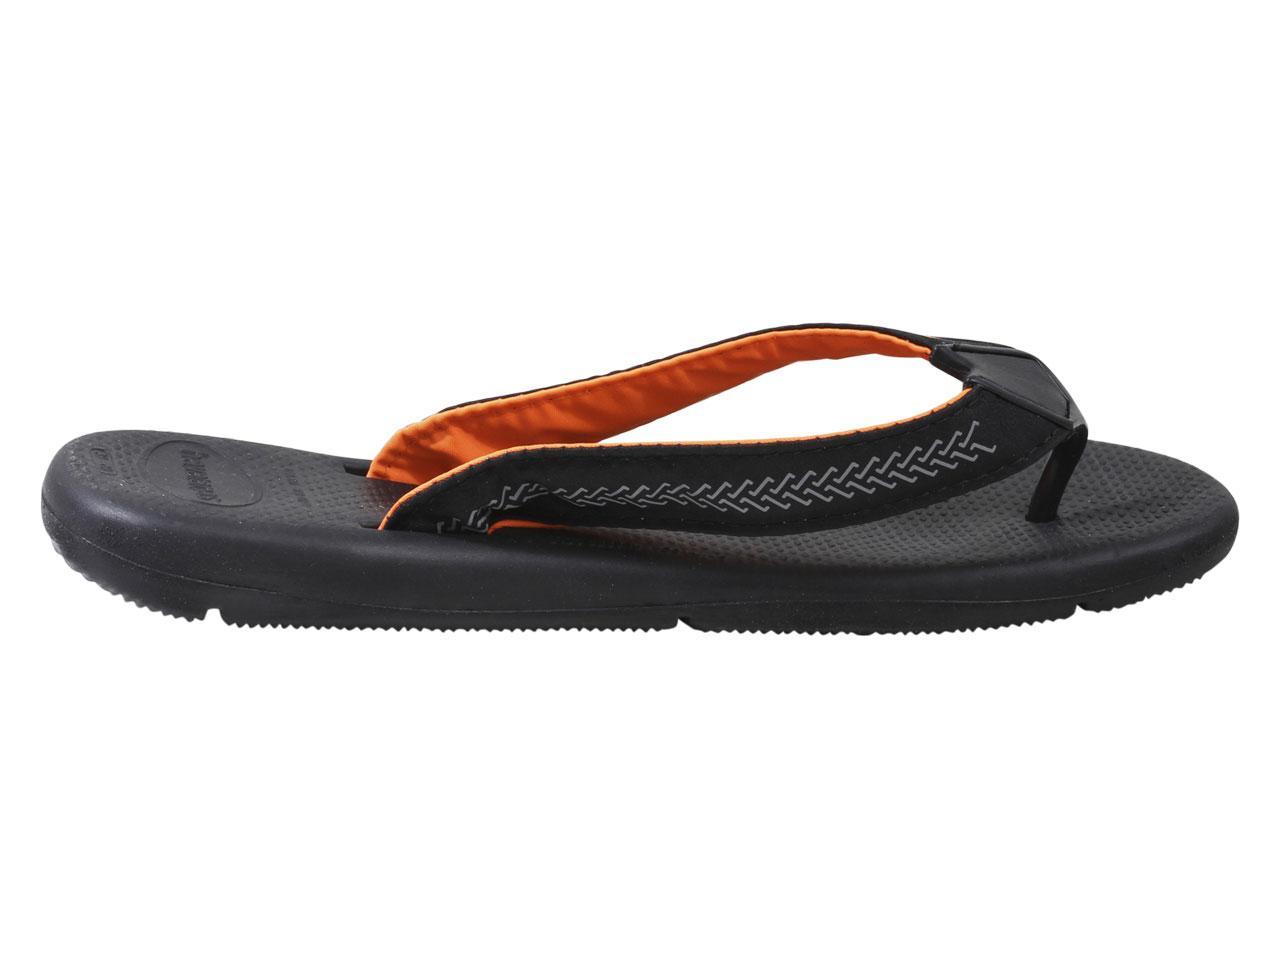 Havaianas-Men-039-s-Surf-Pro-Flip-Flops-Sandals-Shoes miniature 12